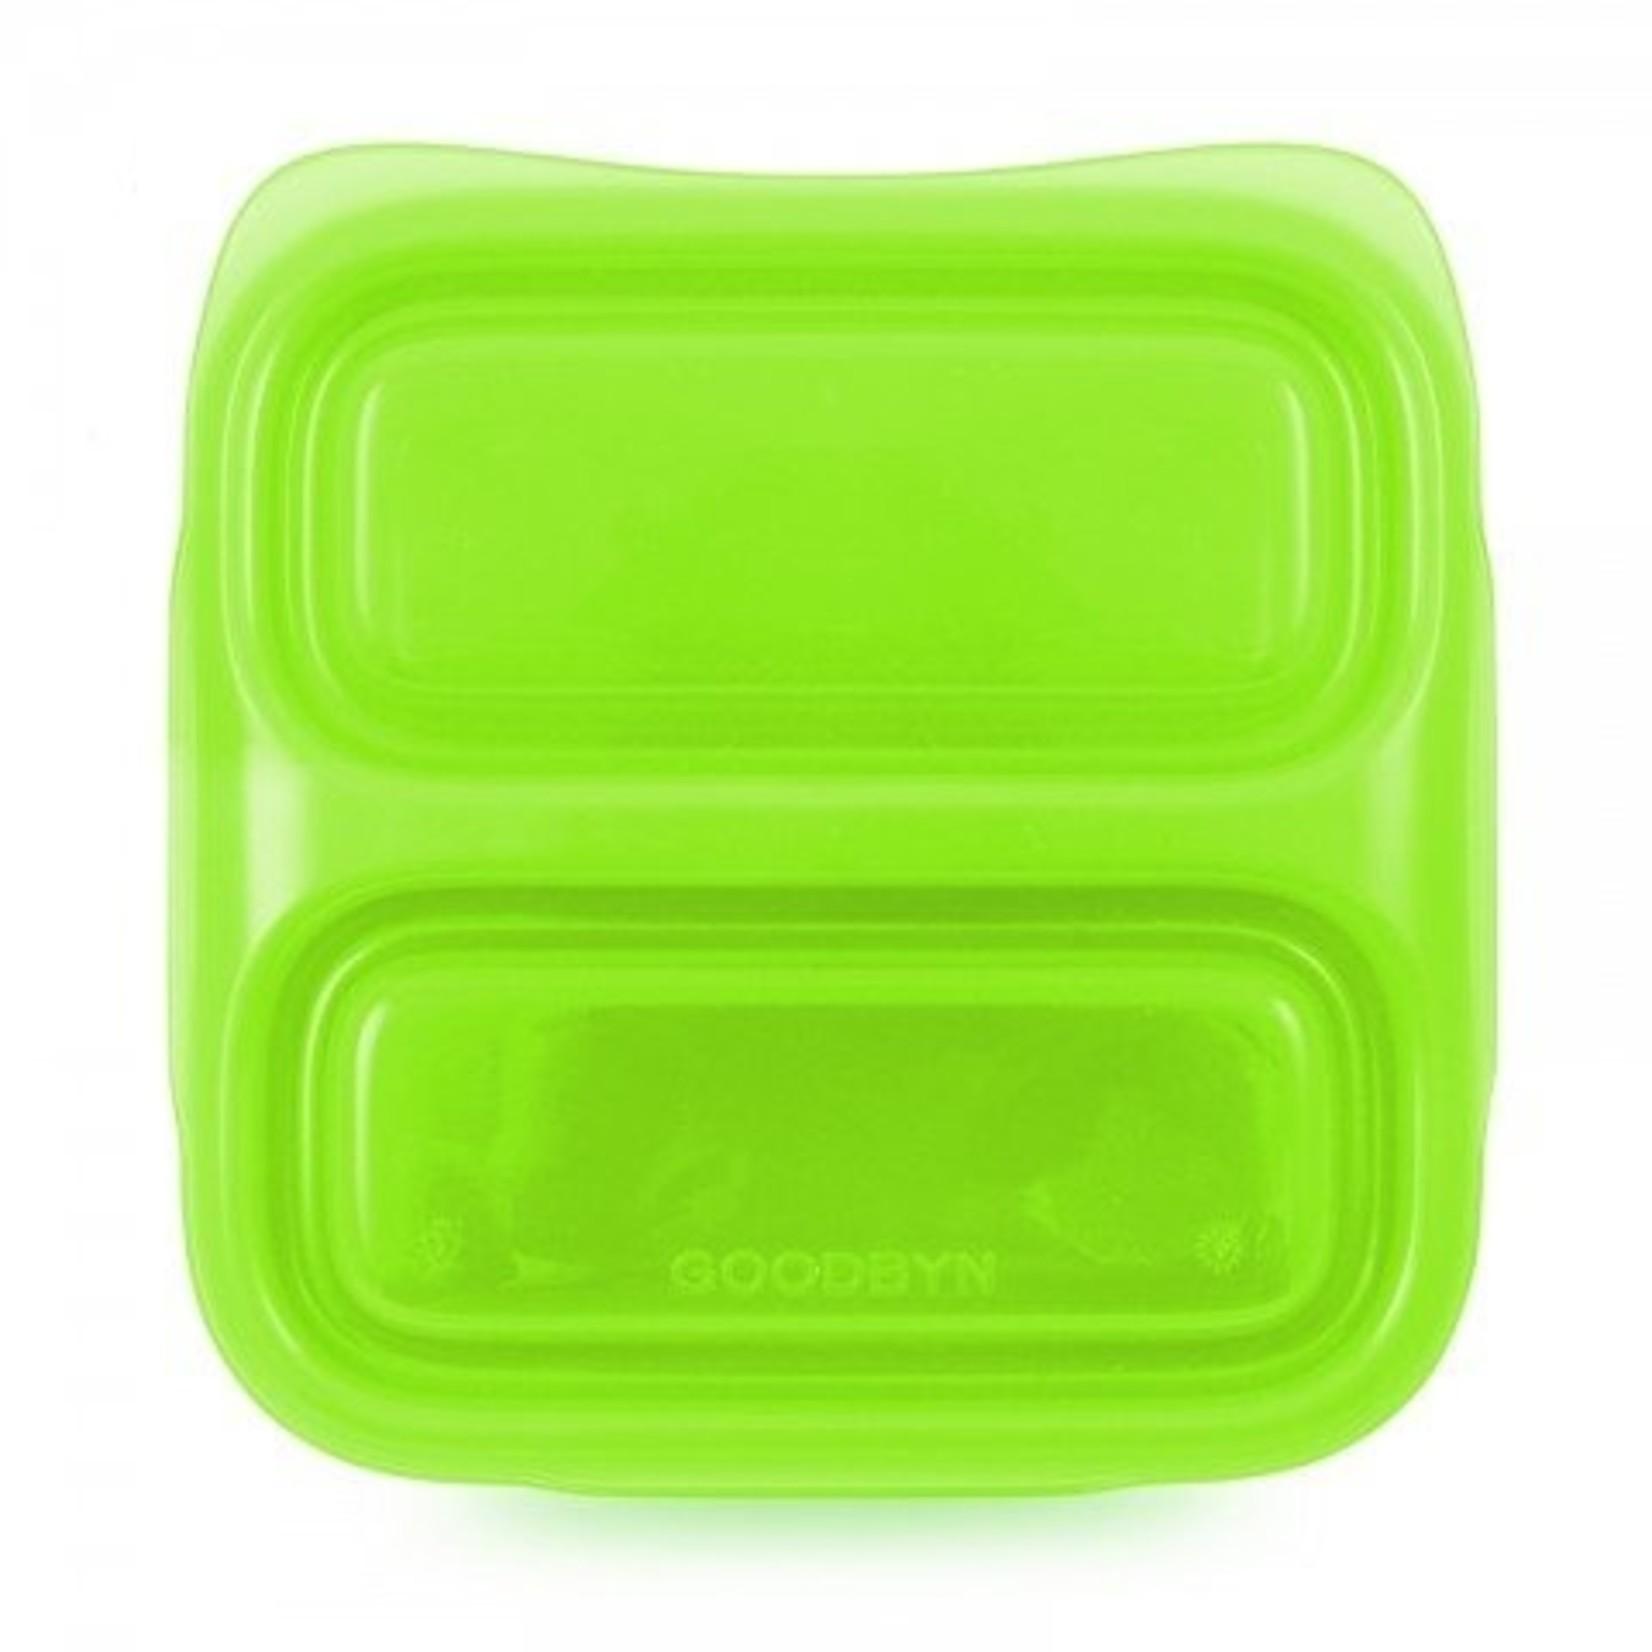 Brooddoos - Small - Groen